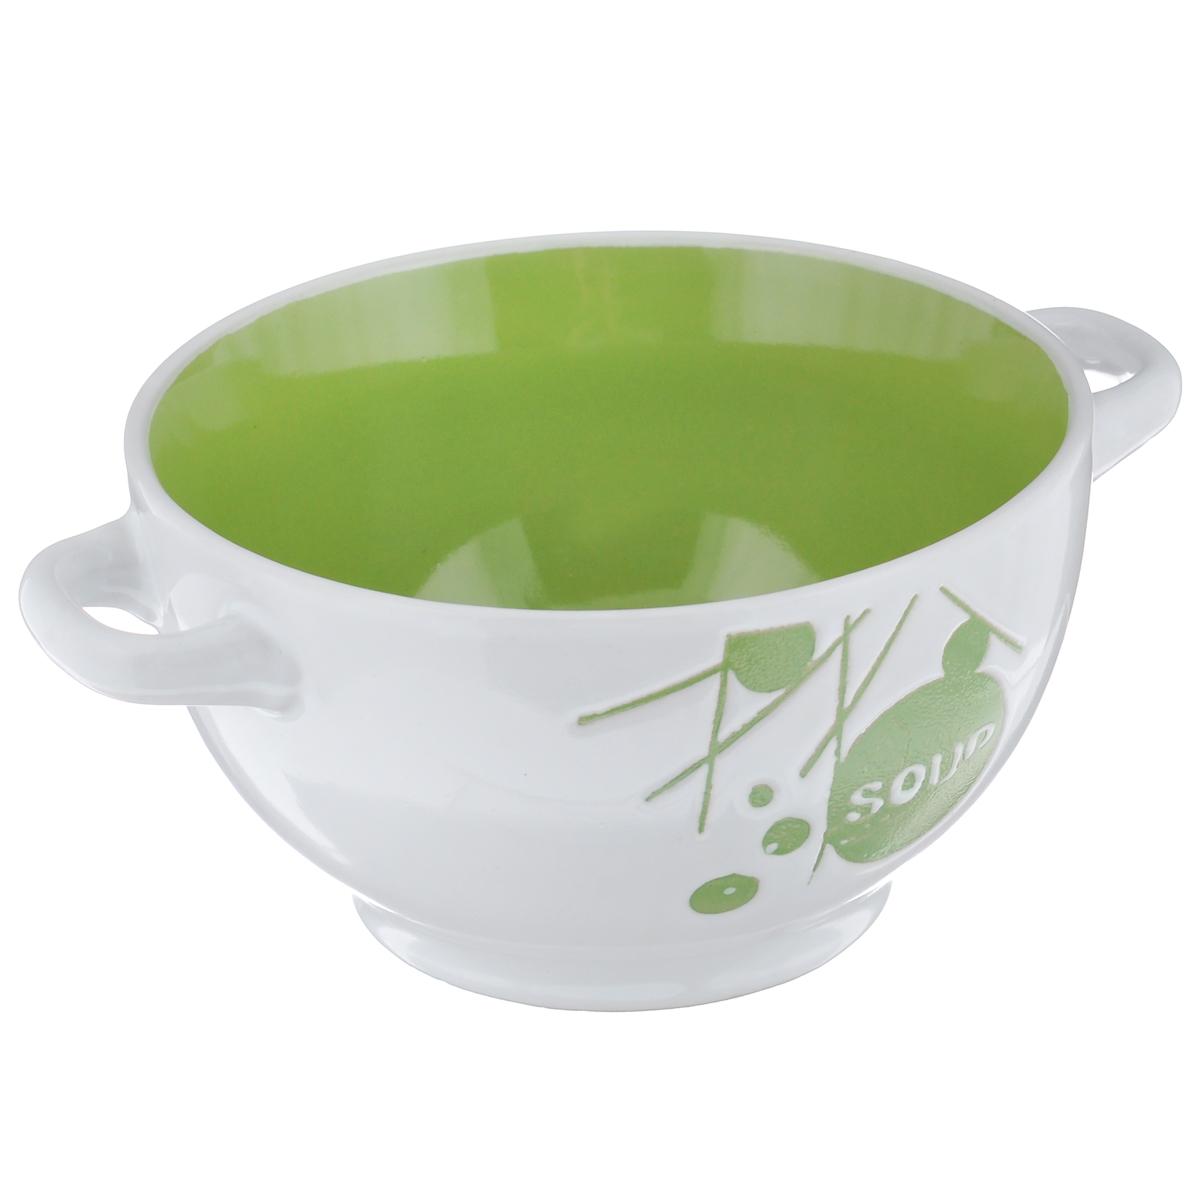 Салатник Wing Star, цвет: белый, зеленый, 500 млLJ10-D112B зеленыйСалатник с ручками Wing Star покорит вас своей красотой и качеством исполнения. Изделие выполнено из высококачественной керамики - обожженной, глазурованной снаружи и изнутри глины. При изготовлении использовался рельефный способ нанесения декора, когда рельефная поверхность подготавливается в процессе формовки, и изделие обрабатывается с уже готовым декором. Благодаря этому достигается эффект неровного на ощупь рисунка, как бы утопленного внутрь глазури и являющегося его естественным элементом. Такой салатник прекрасно подходит для холодных и горячих блюд: каш, хлопьев, супов, салатов и т.д. Он дополнит коллекцию вашей кухонной посуды и будет служить долгие годы. Можно использовать в посудомоечной машине и СВЧ. Объем салатника: 500 мл. Диаметр салатника (по верхнему краю): 14 см. Ширина салатника (с учетом ручек): 18 см. Высота стенки салатника: 8 см.